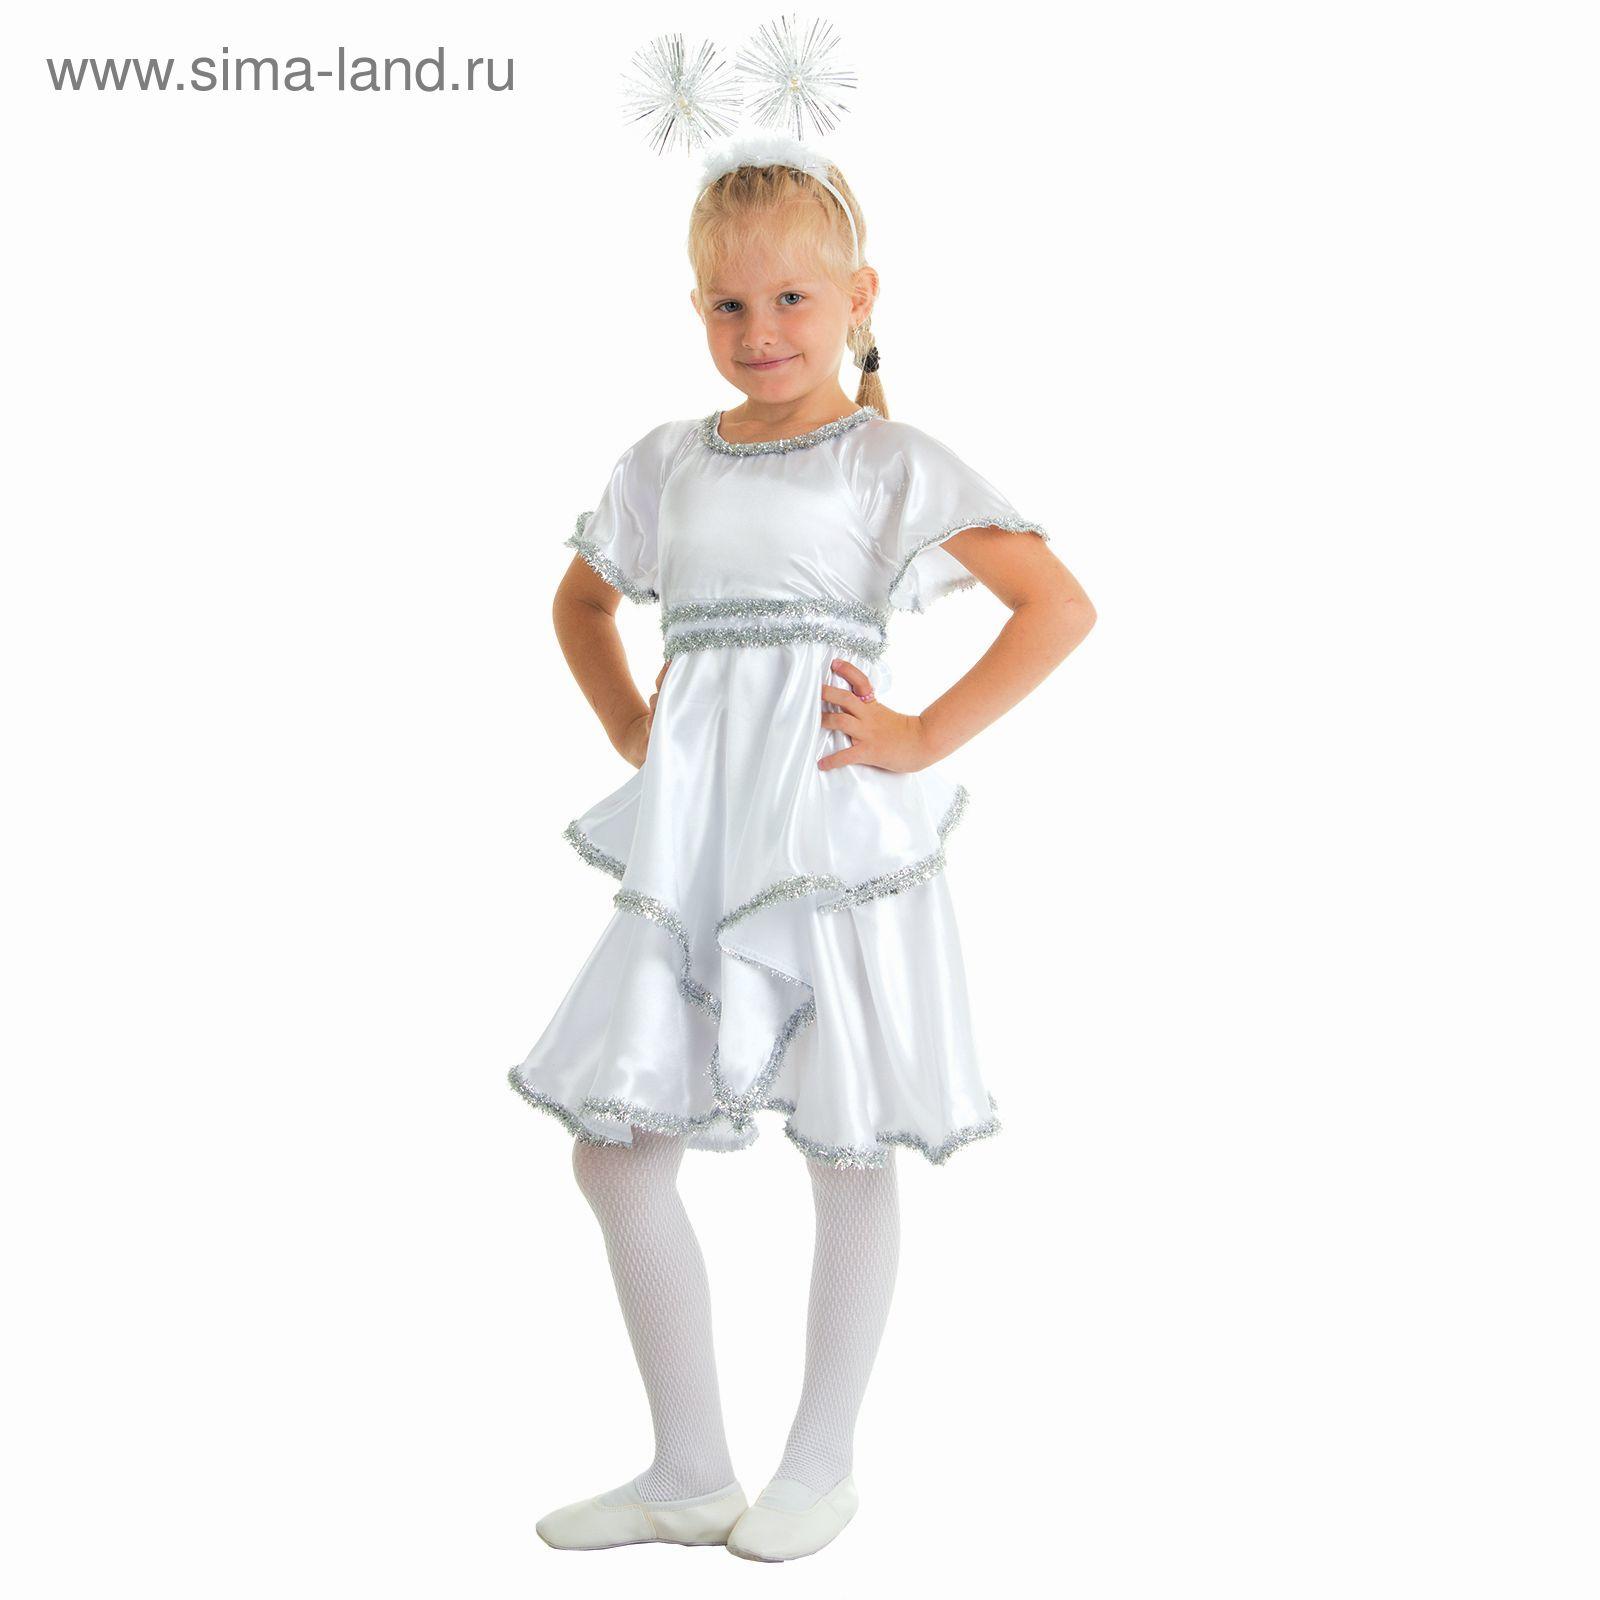 45995ea19 Карнавальный костюм